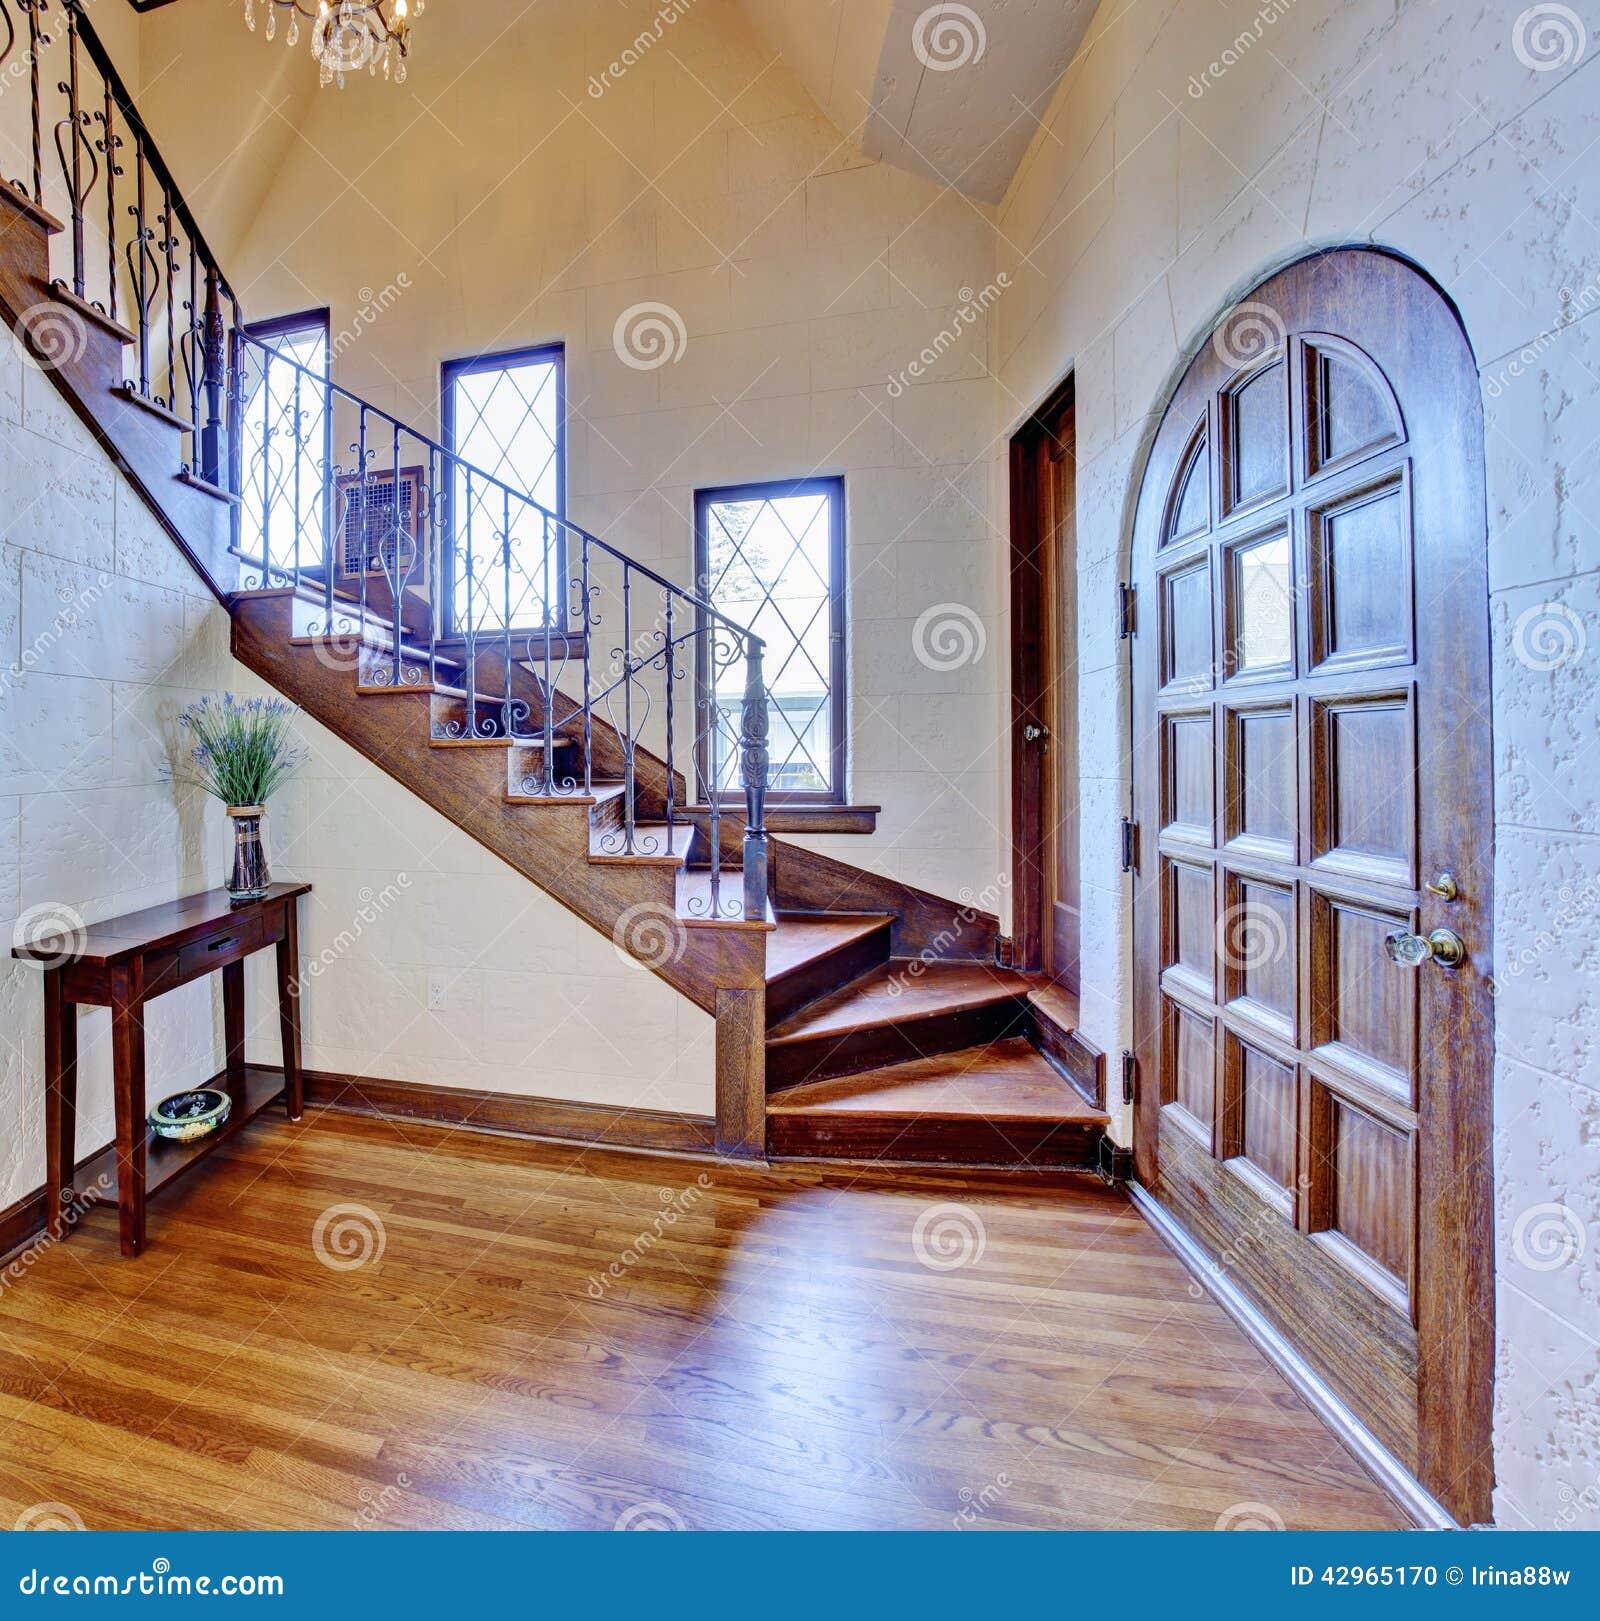 Int rieur de luxe de maison couloir d entr e avec l escalier - Entree de maison avec escalier ...